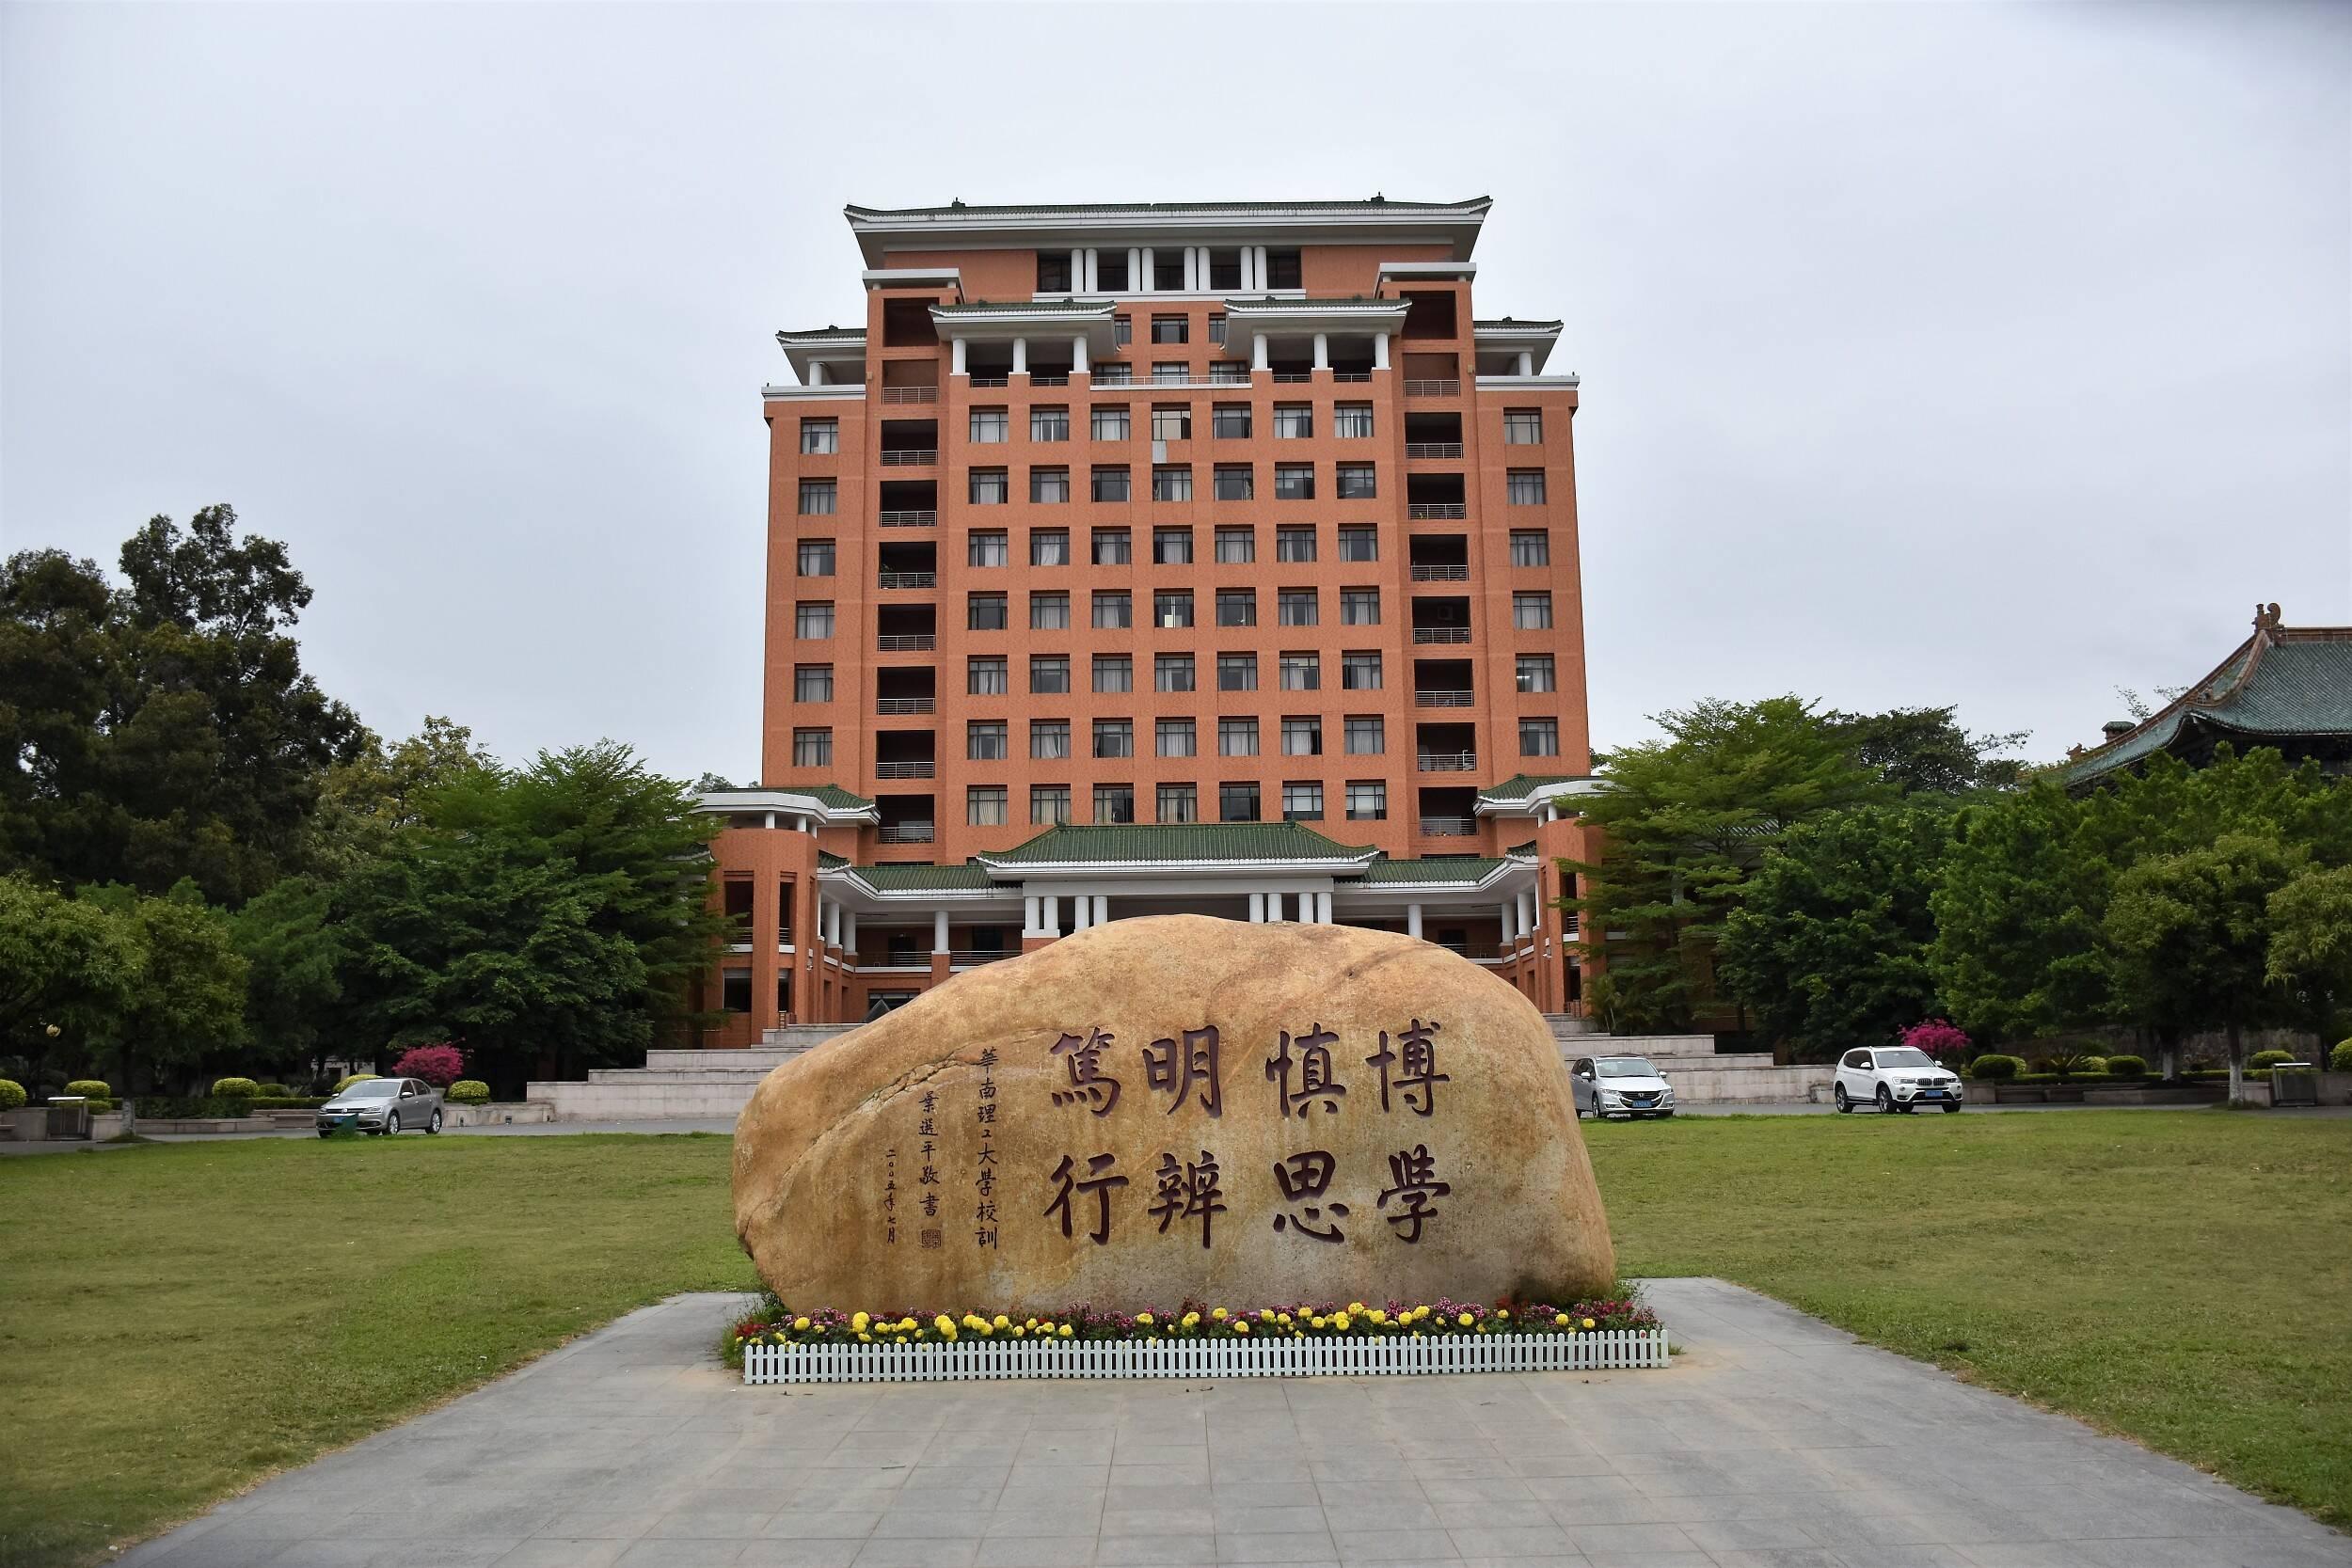 4月17日起报名!华南理工大学今年首次在鲁综招 计划招生58人